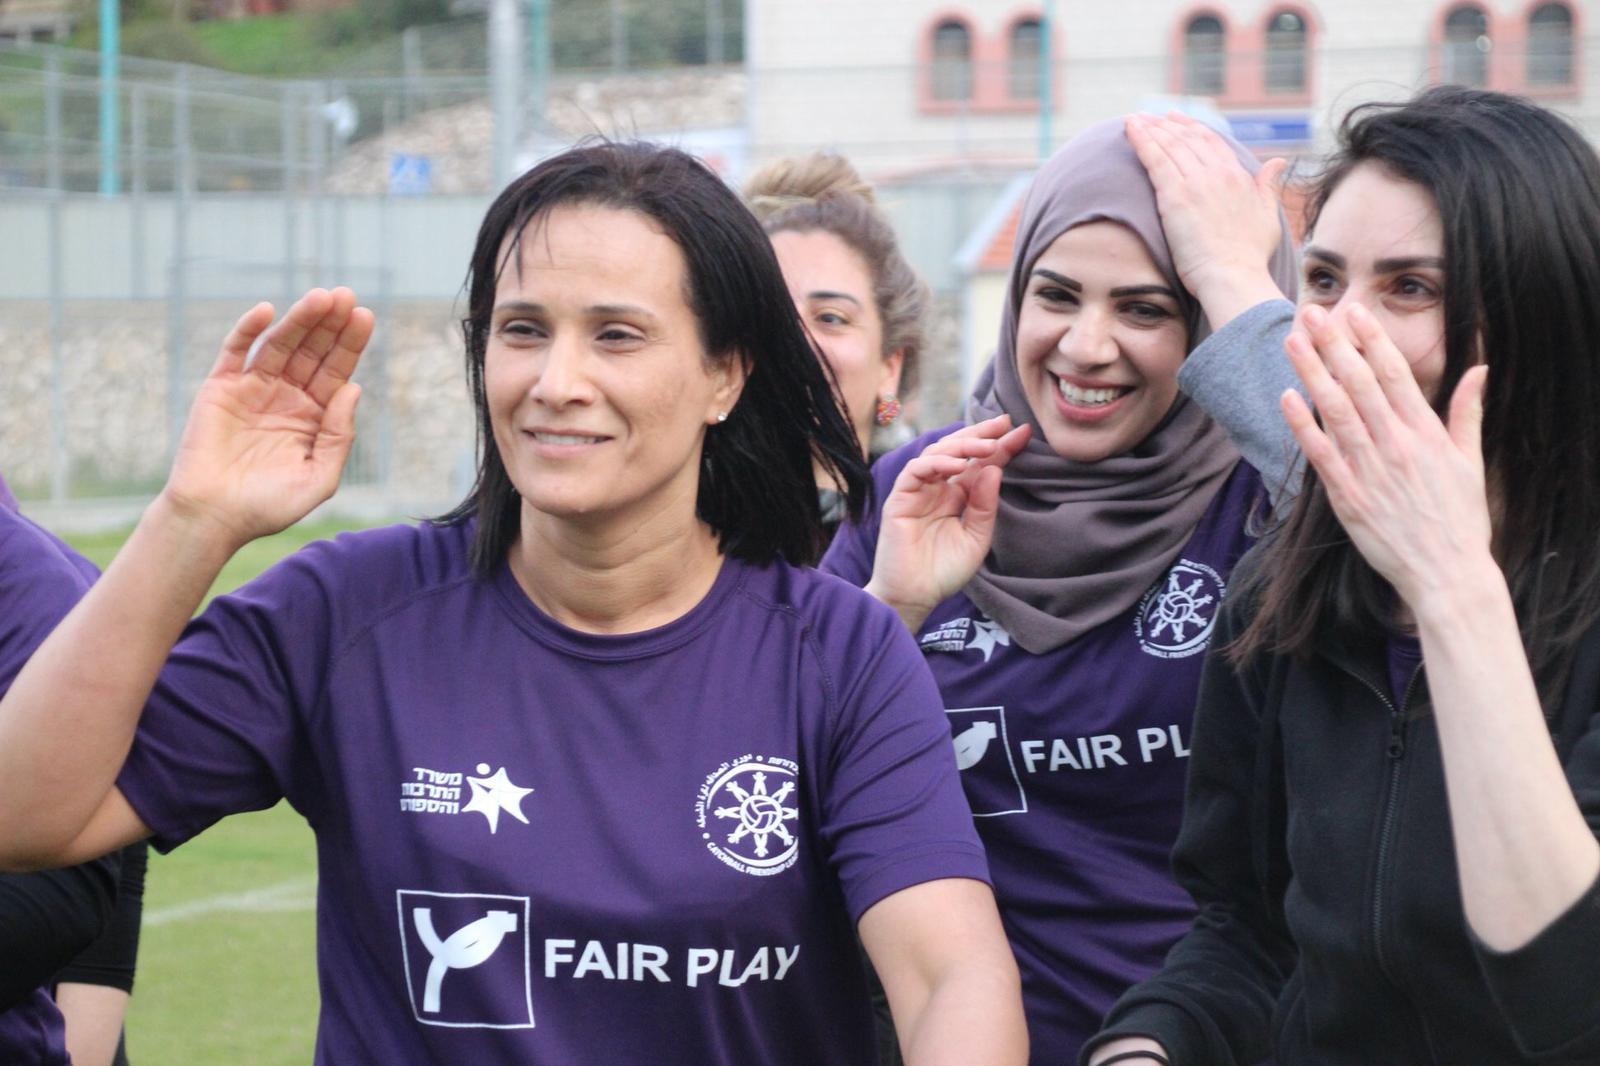 A Barátság Ligája, ahol arab és zsidó nők együtt próbálnak egy jobb társadalmat teremteni – Kibic …